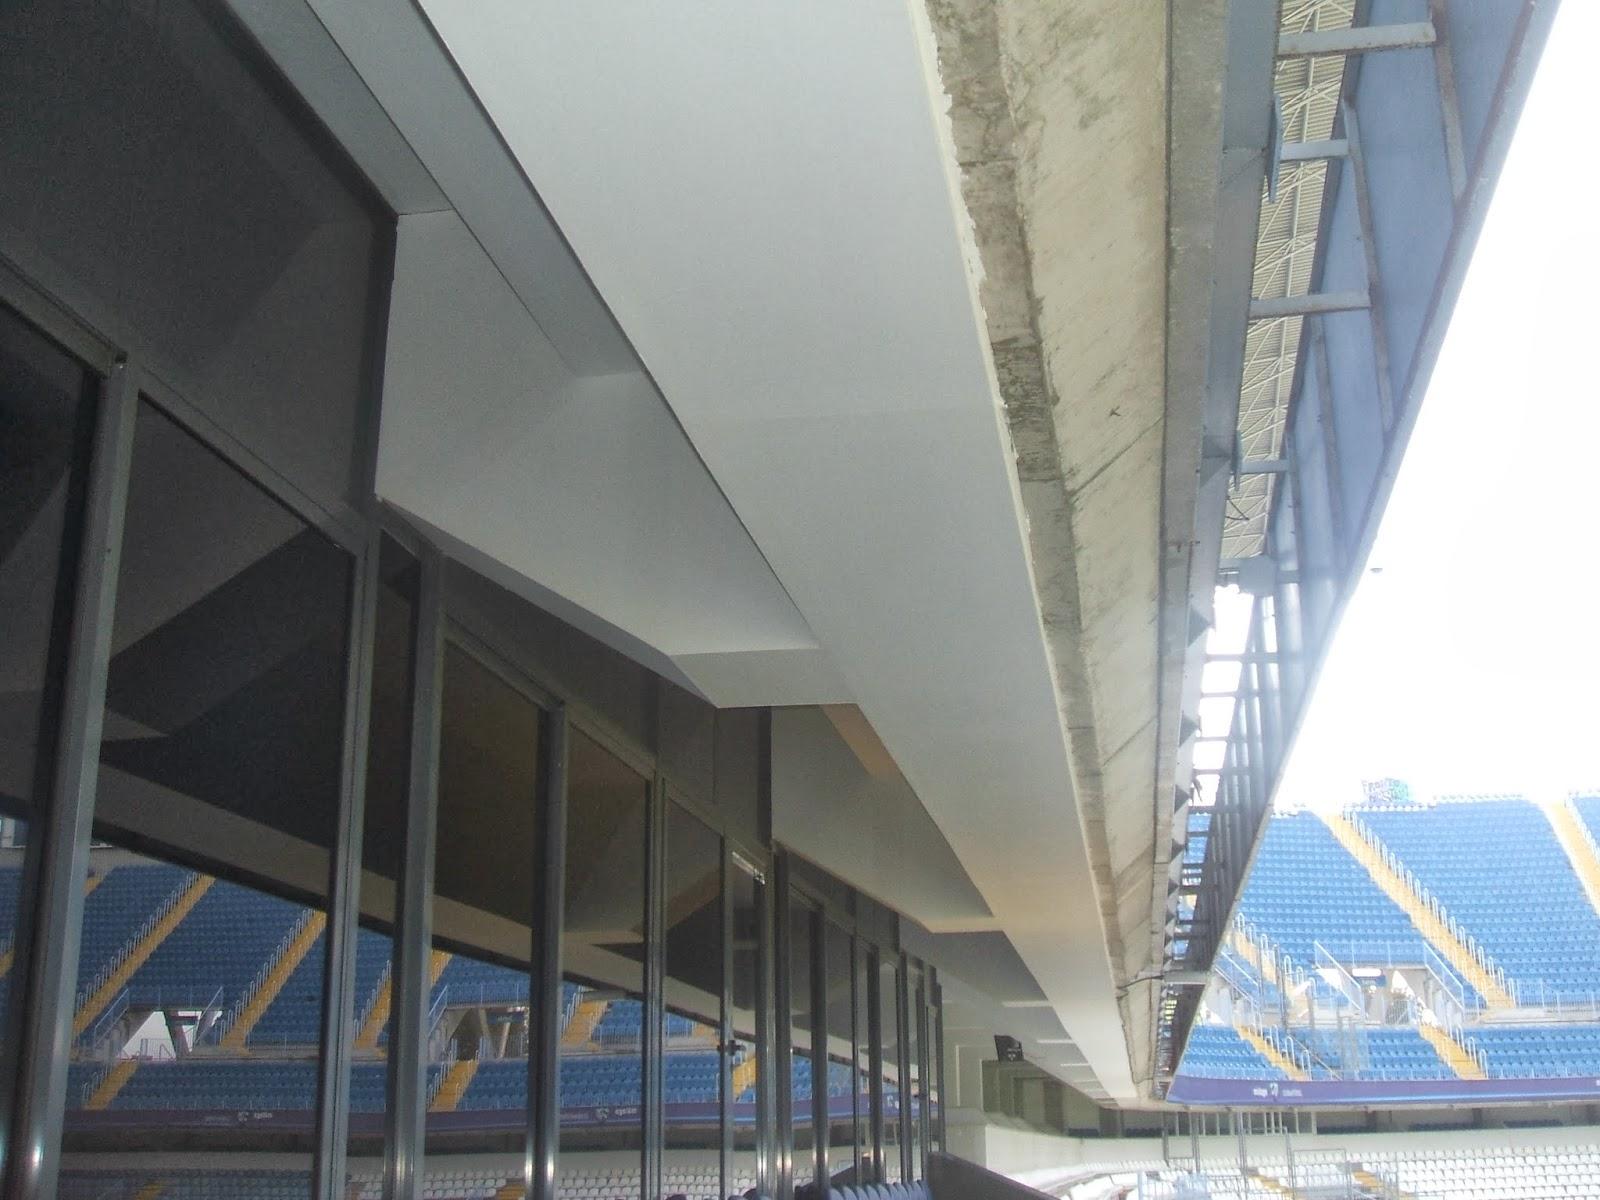 Aislamientos escobar tlf 637849242 estadio de la - Muebles sanchez antequera ...